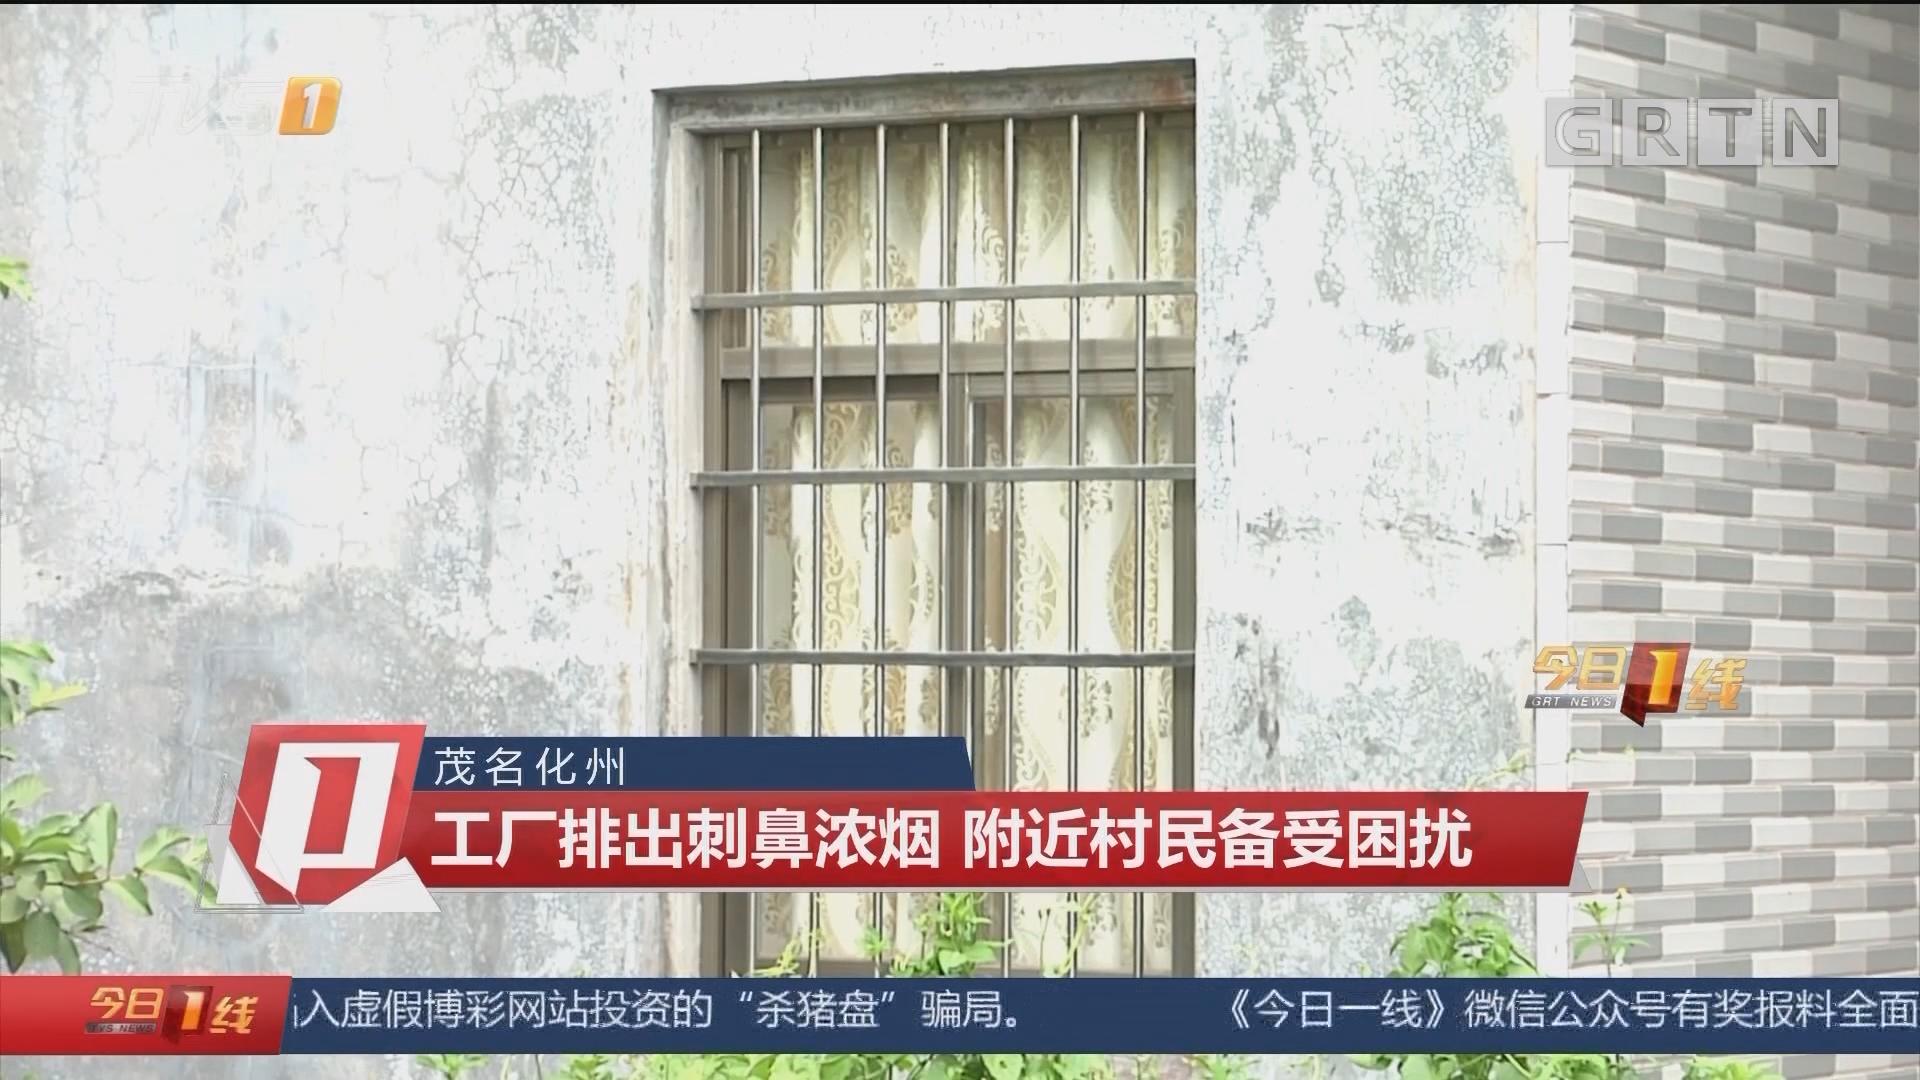 茂名化州:工厂排出刺鼻浓烟 附近村民备受困扰